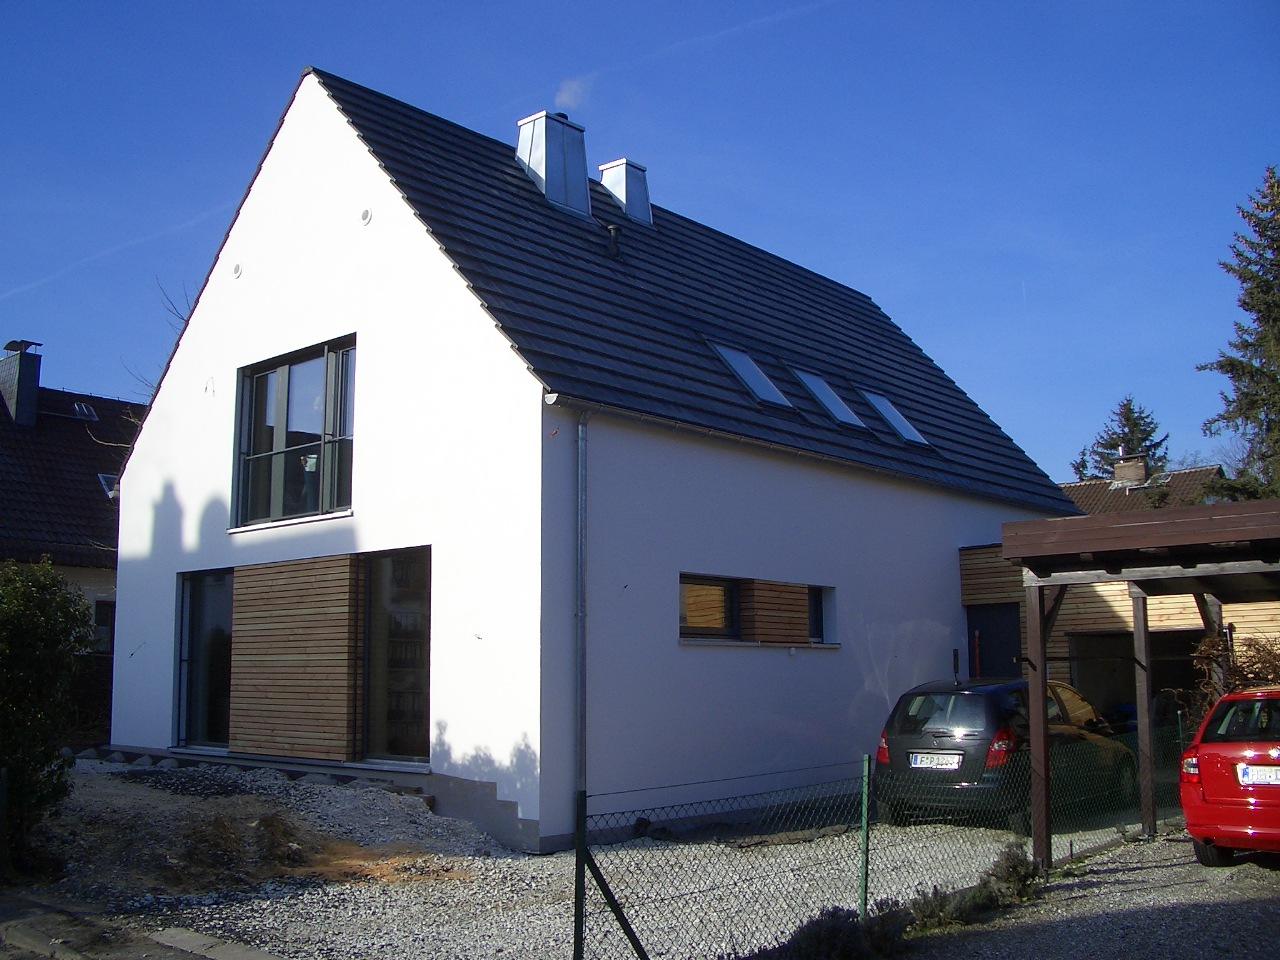 Einfamilienhaus Bad Homburg Jan Erdmann Architekt In Mühlhausen Thüringen